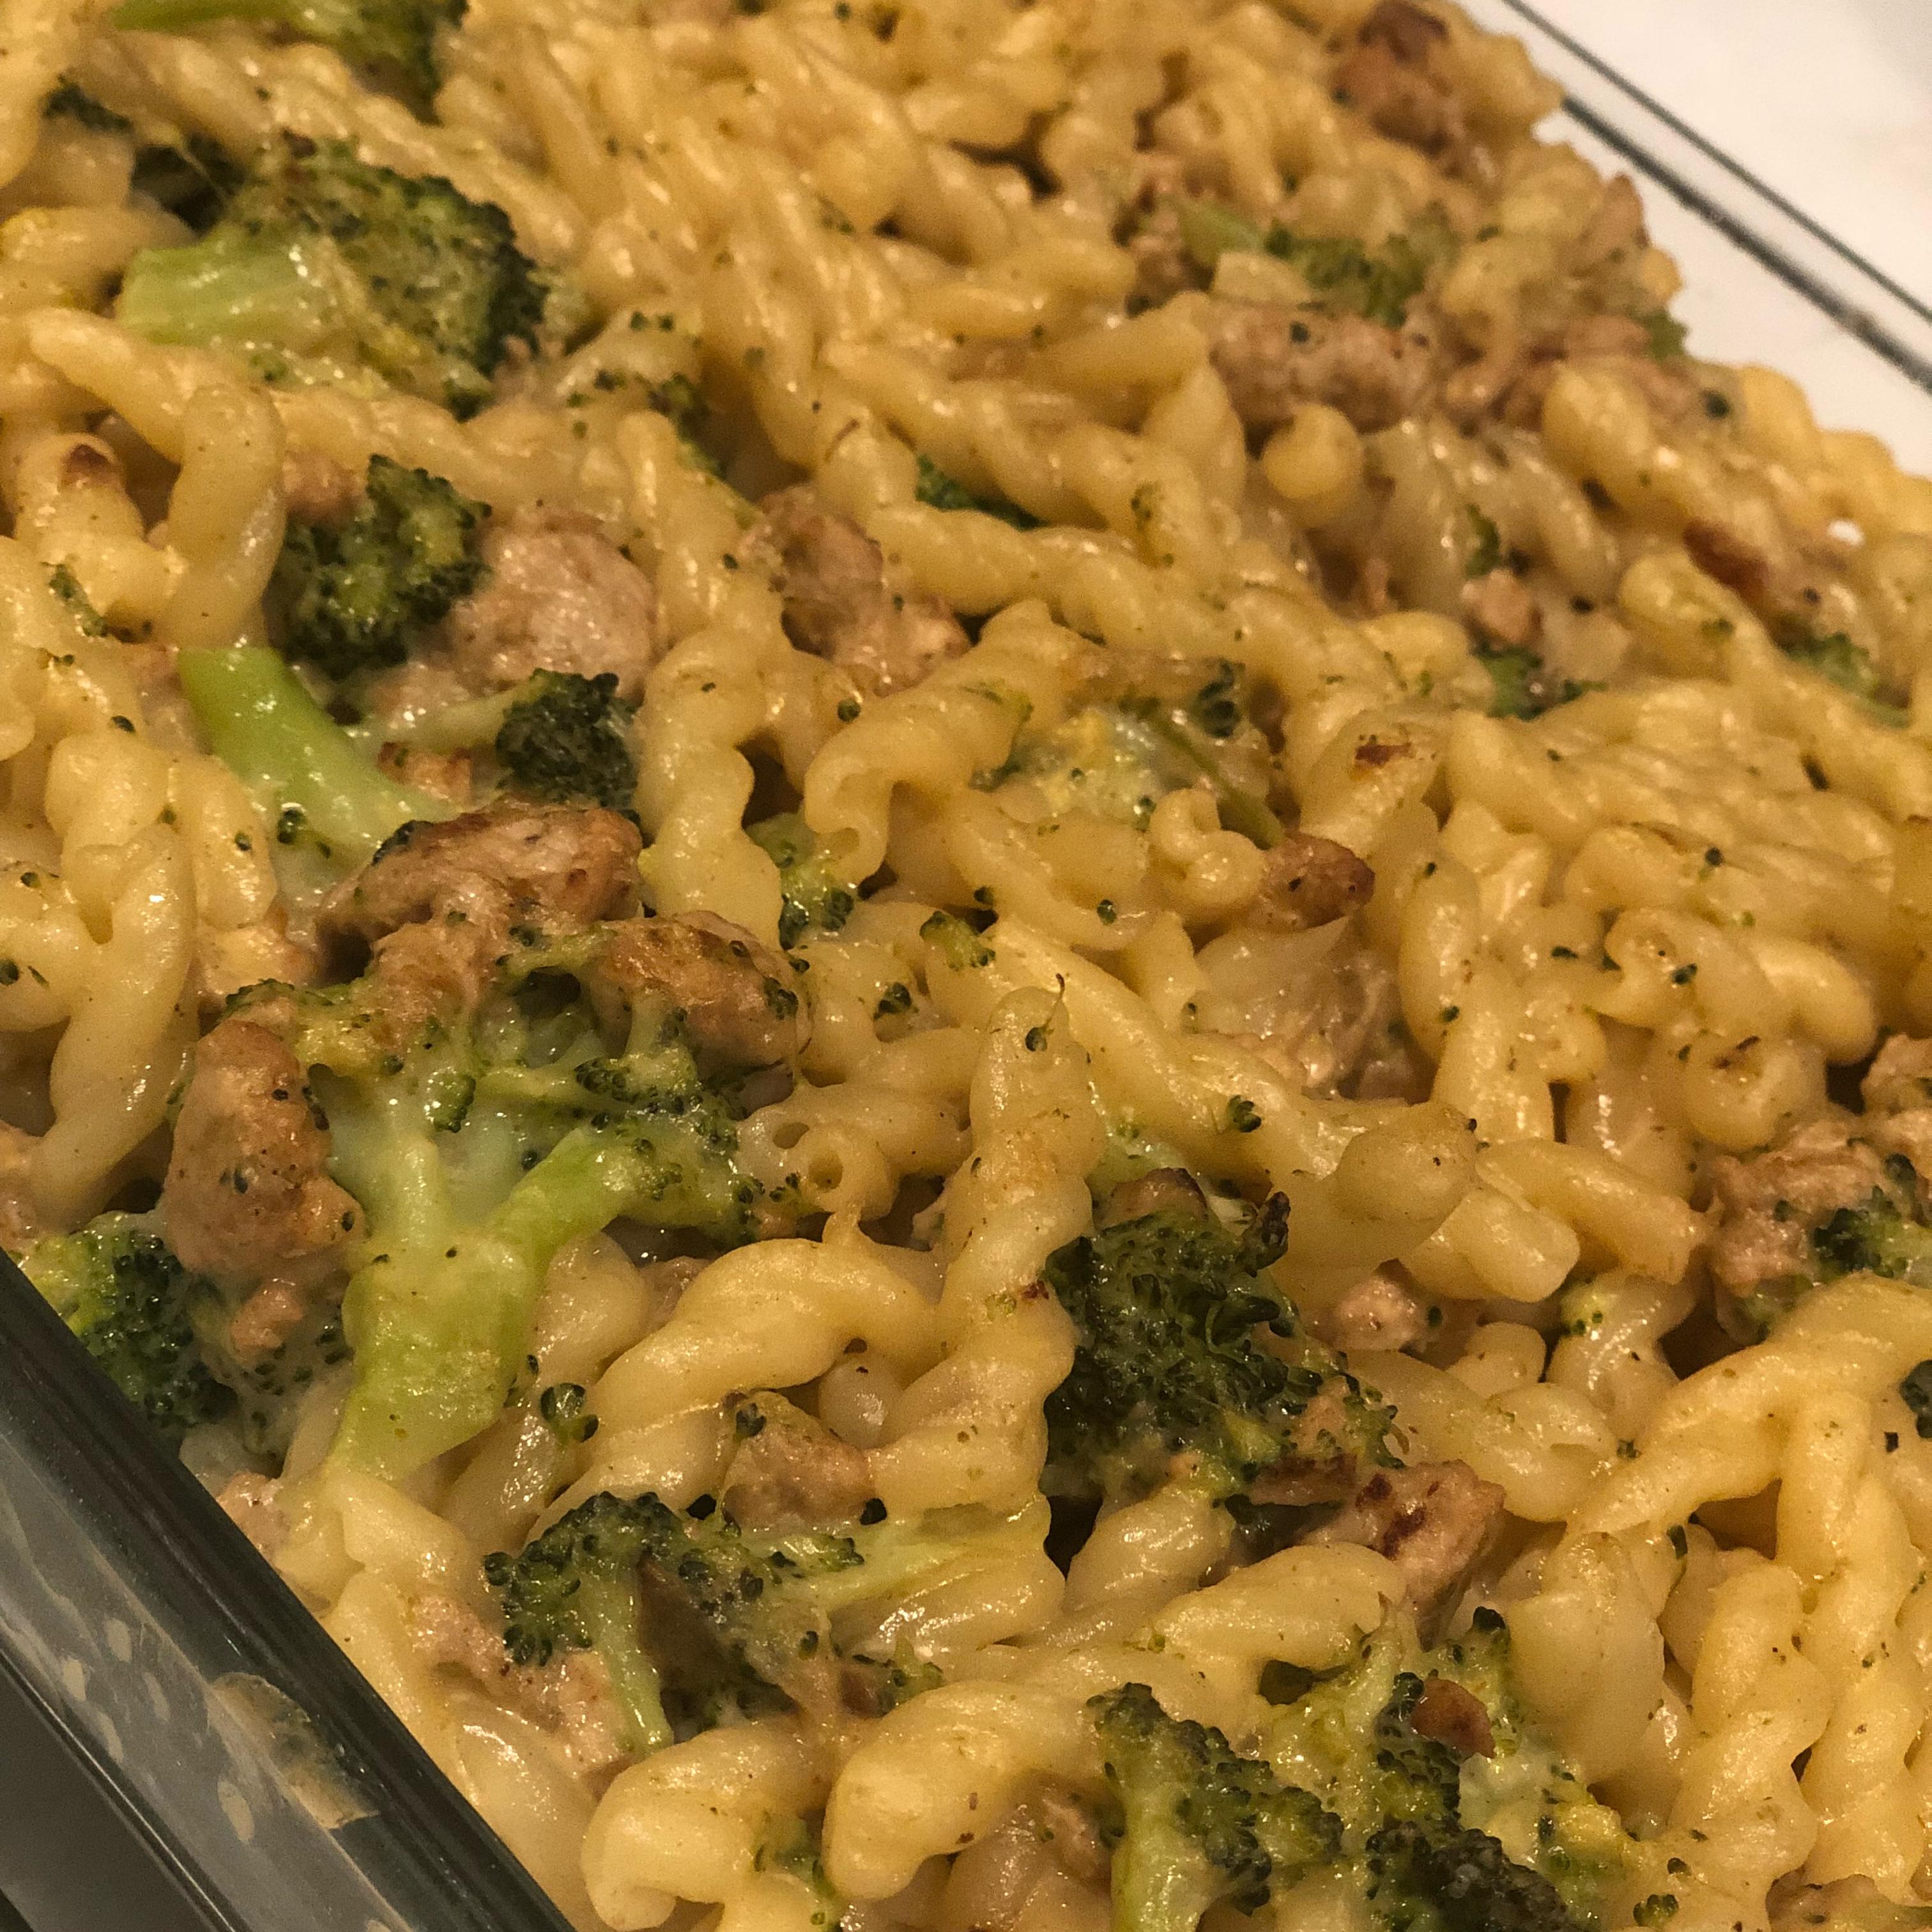 Creamy Chicken and Broccoli Casserole